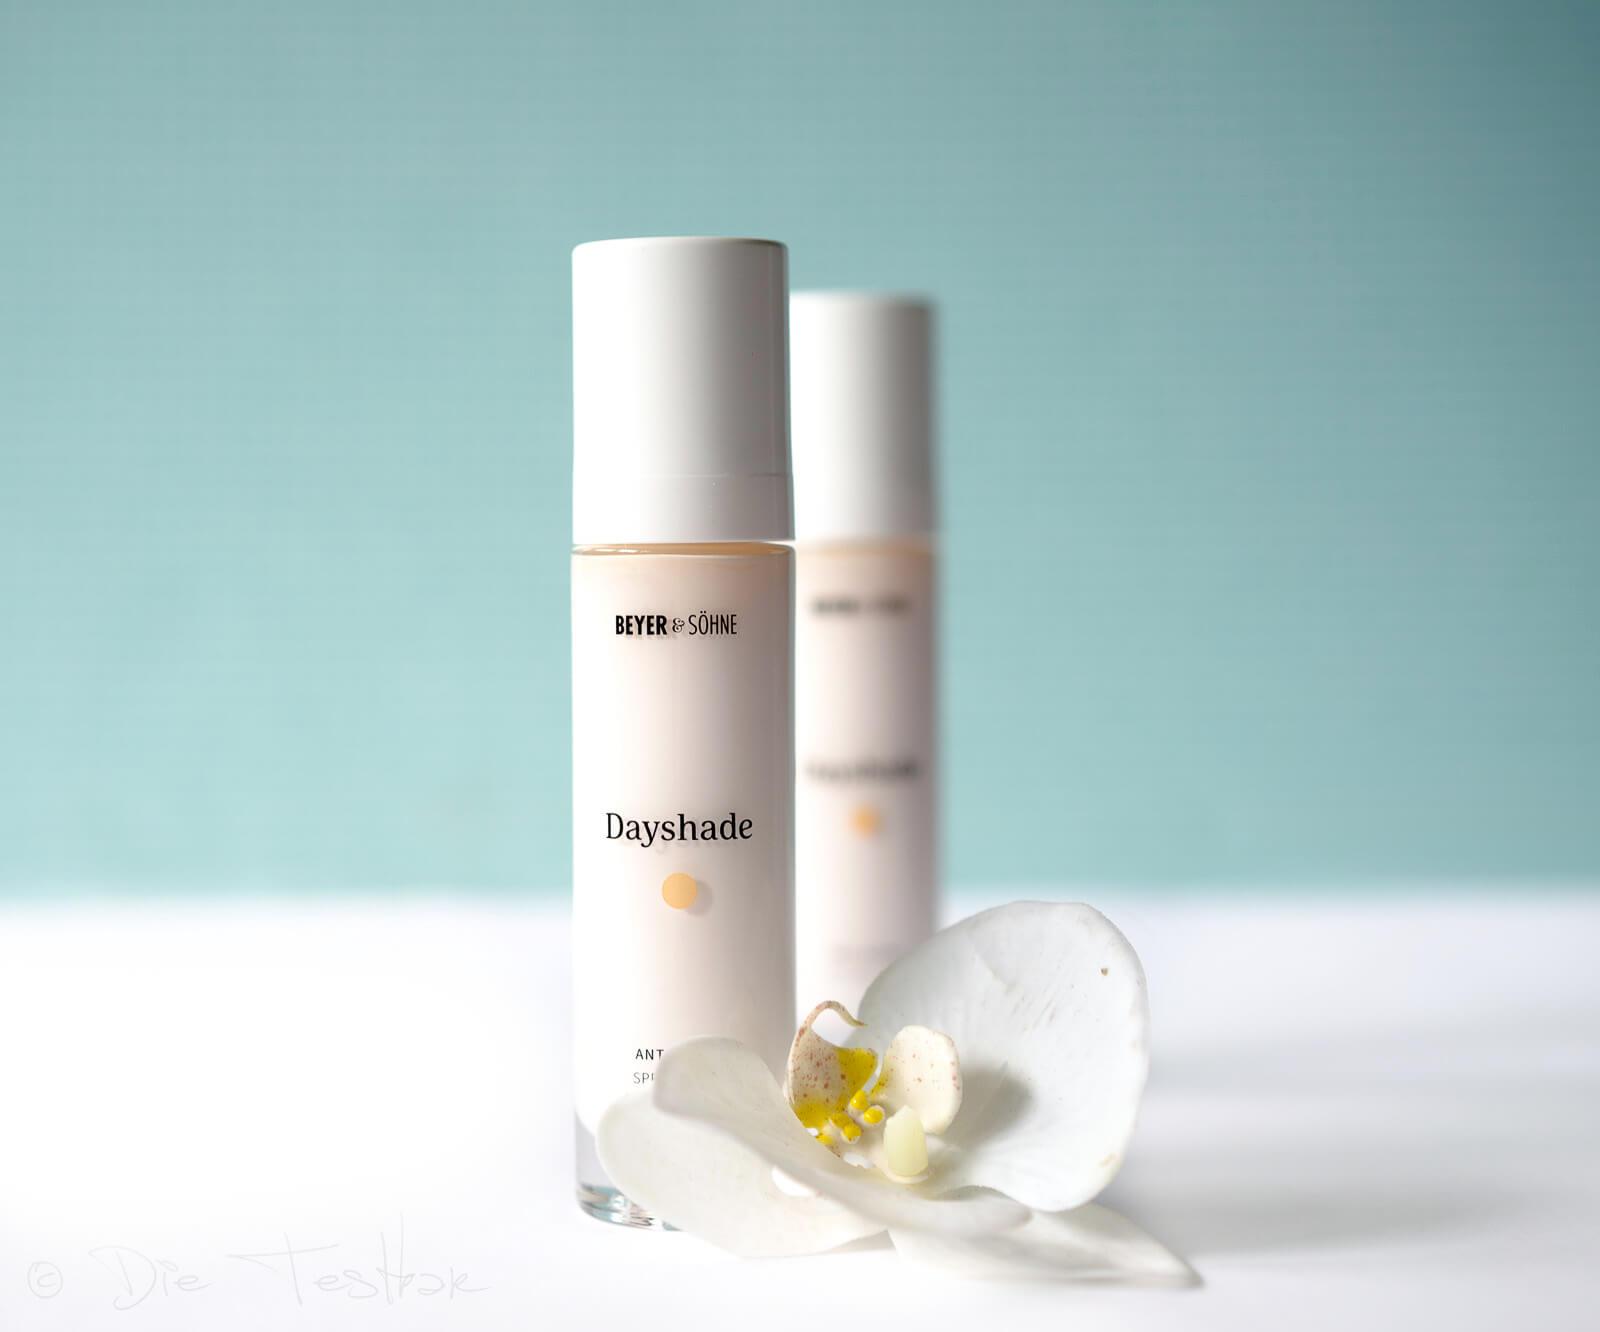 Hochwertige Anti-Aging-Pflege - Dayshade Cream SPF 30 von Beyer & Söhne